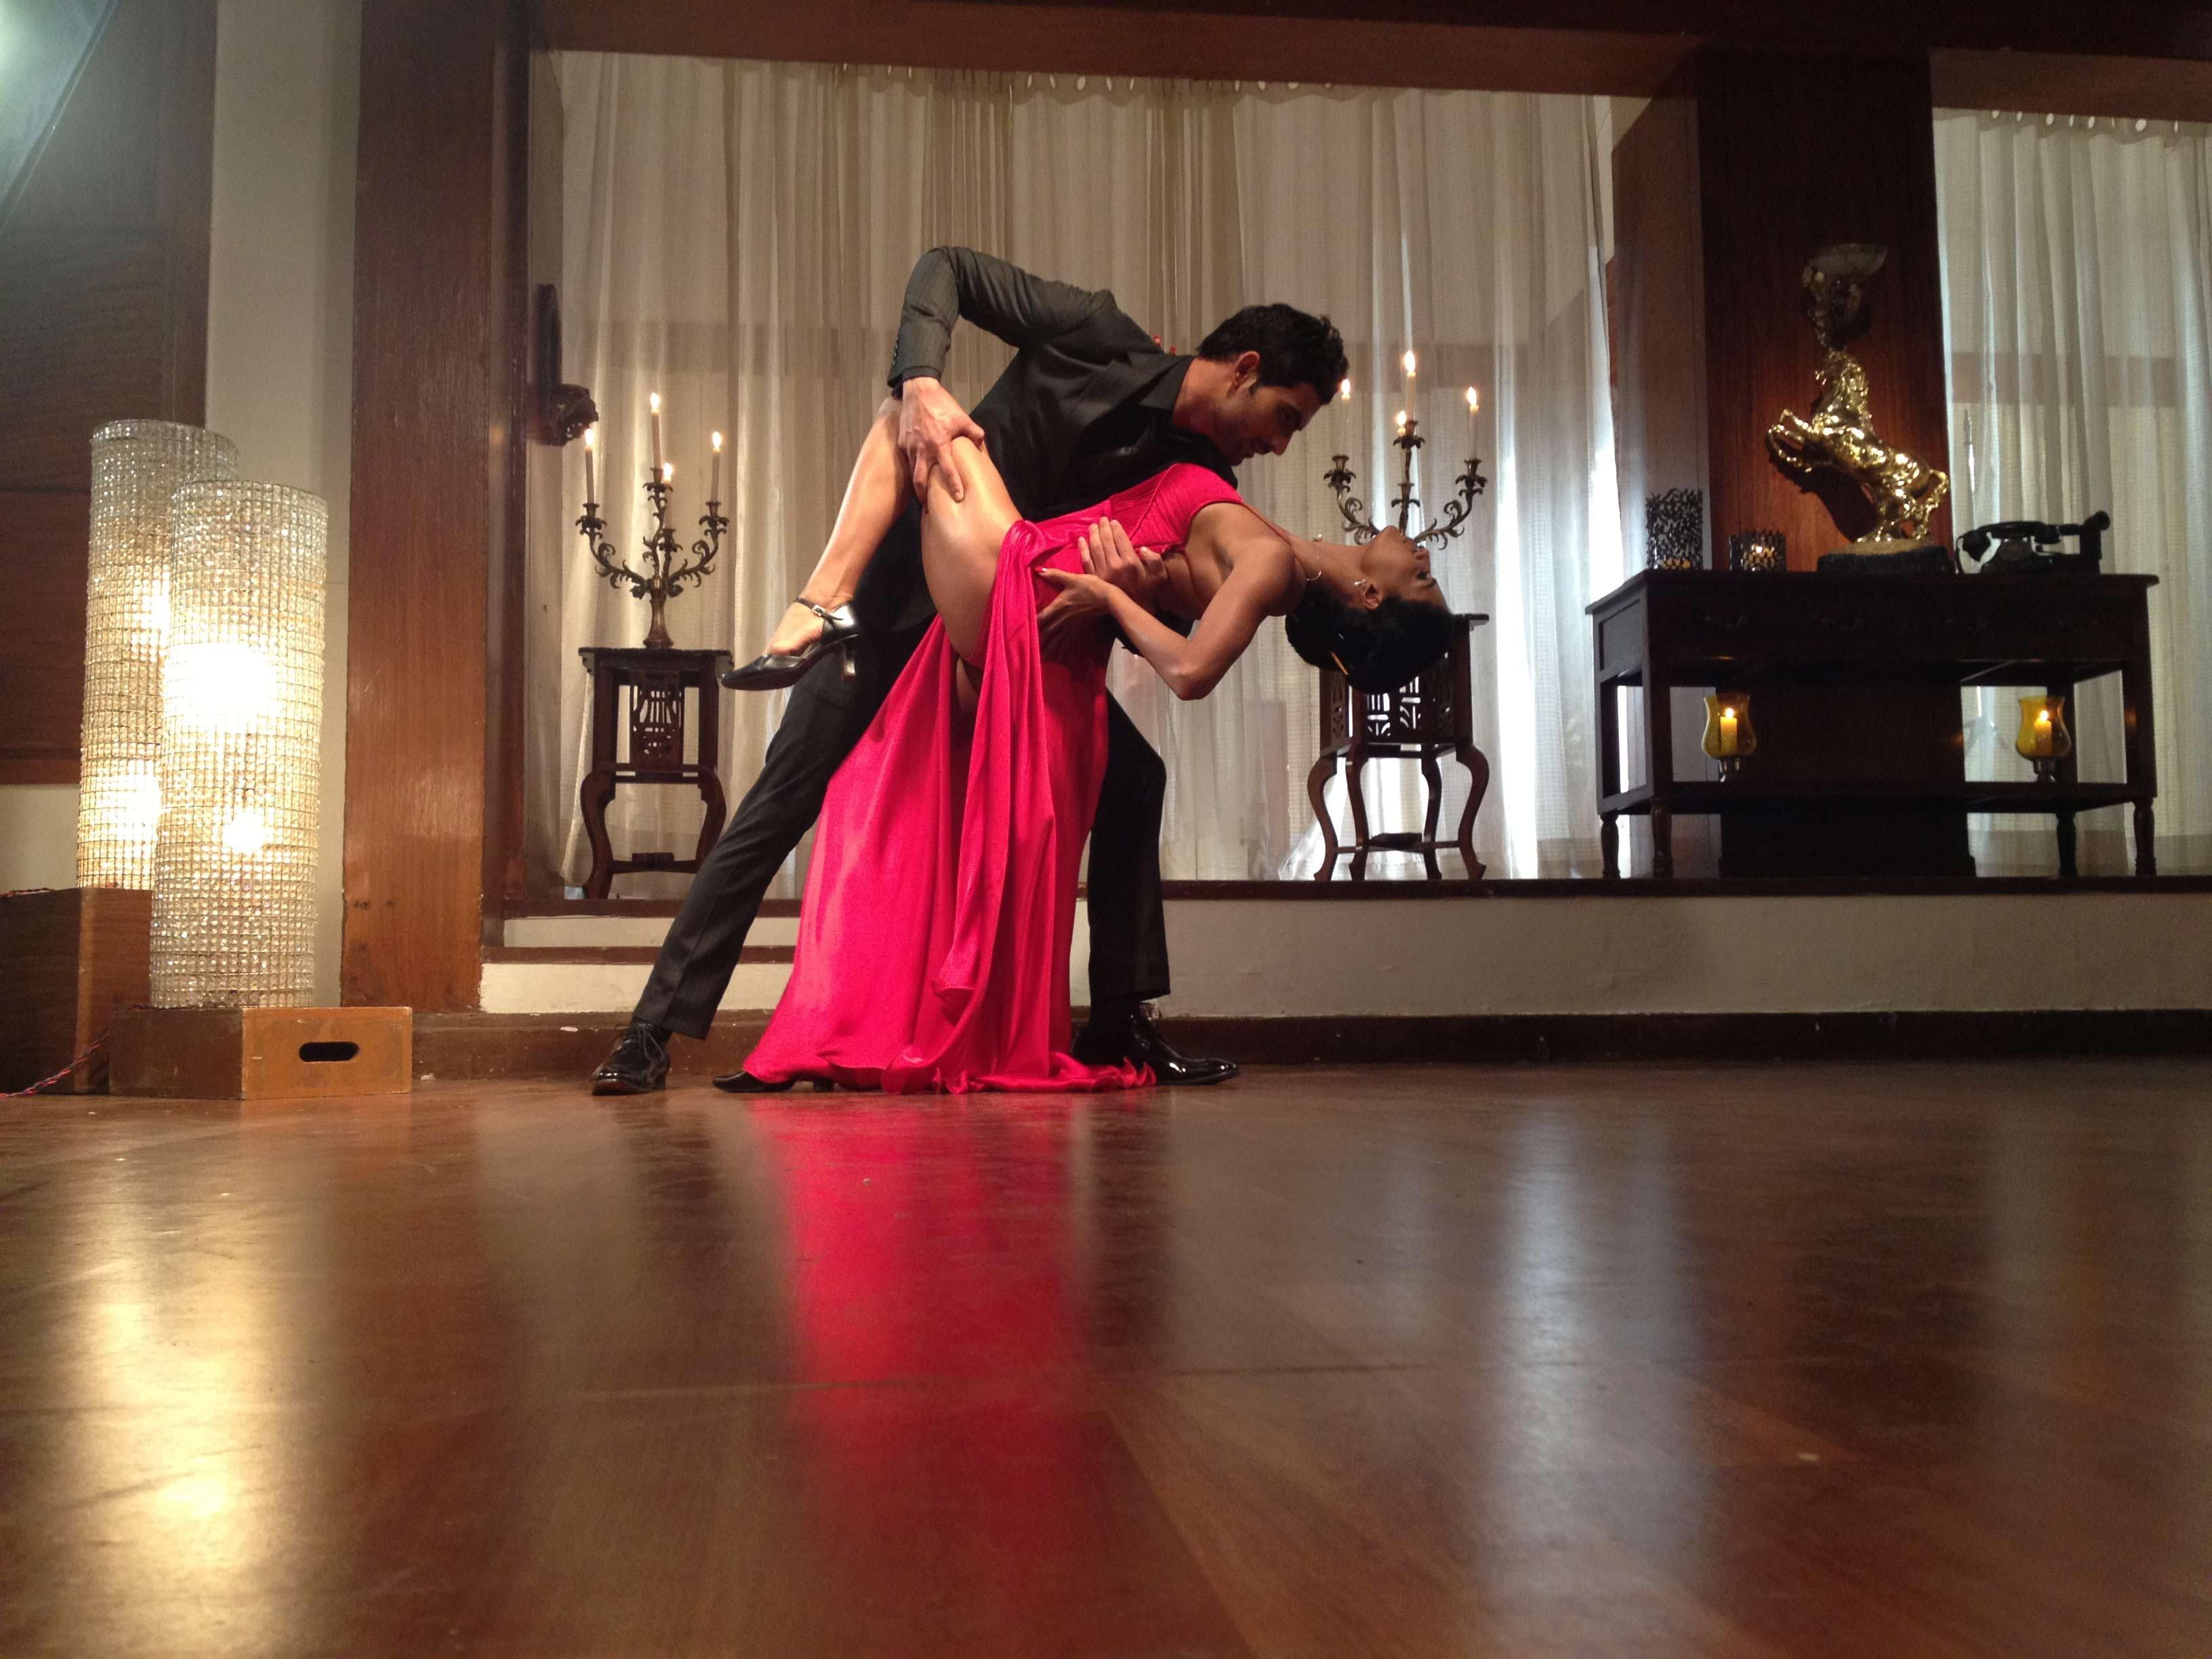 Salsa Dancing Dance Wallpaper 3264x2448 458720 Wallpaperup